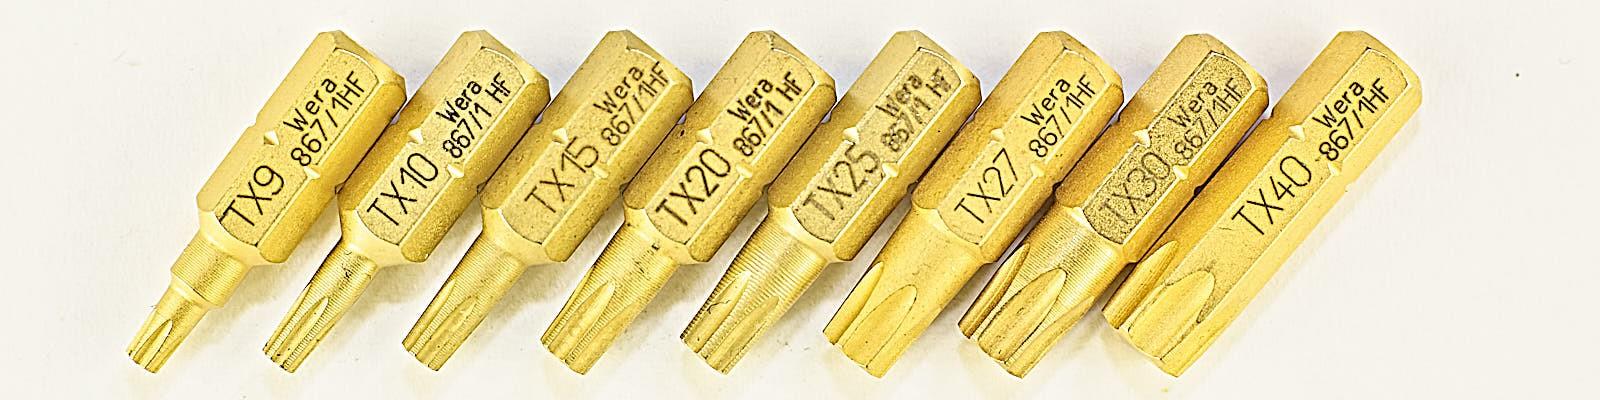 TORX® HF Bits met vasthoudfunctie